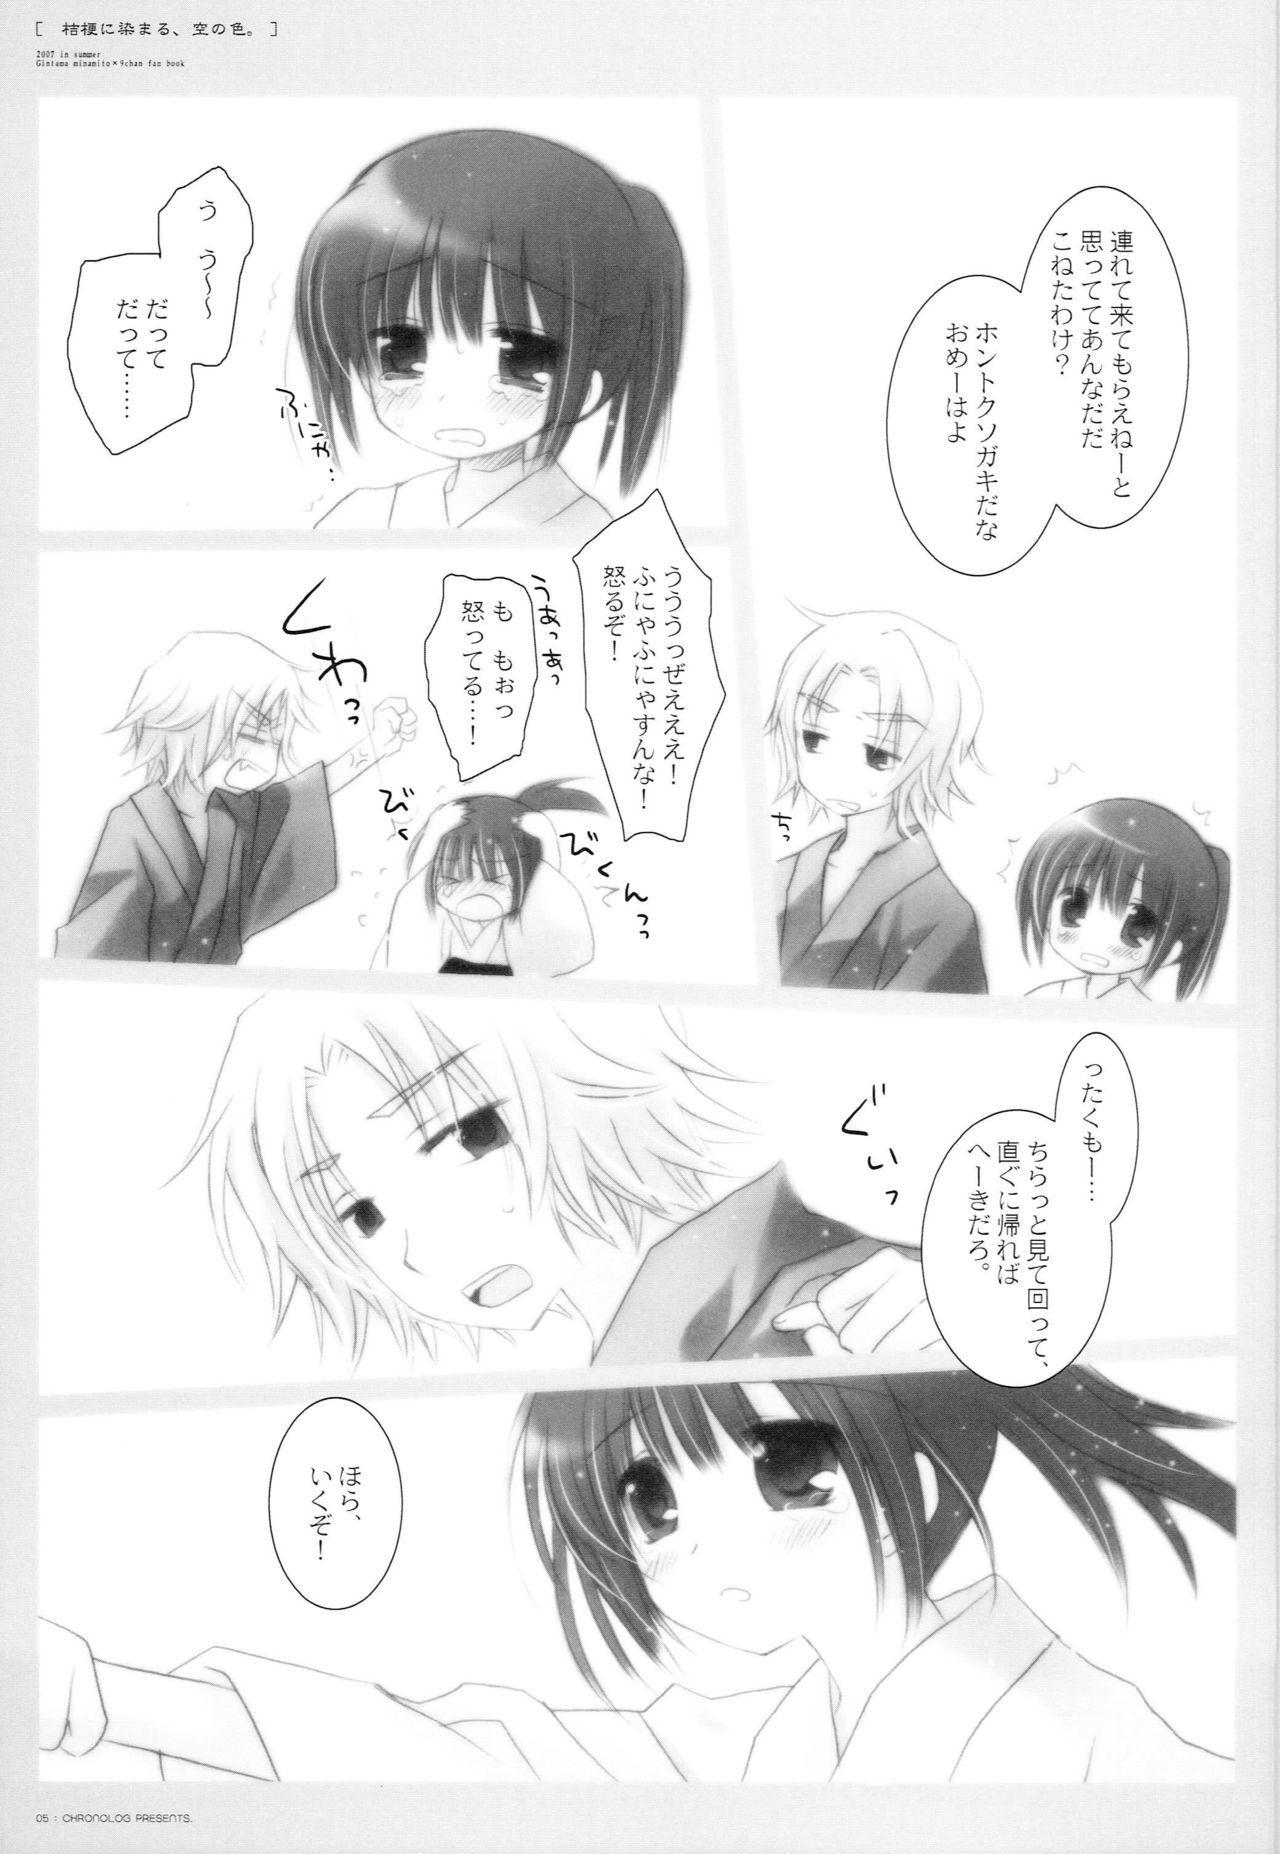 Kikyou ni Somaru Sora no Iro 3